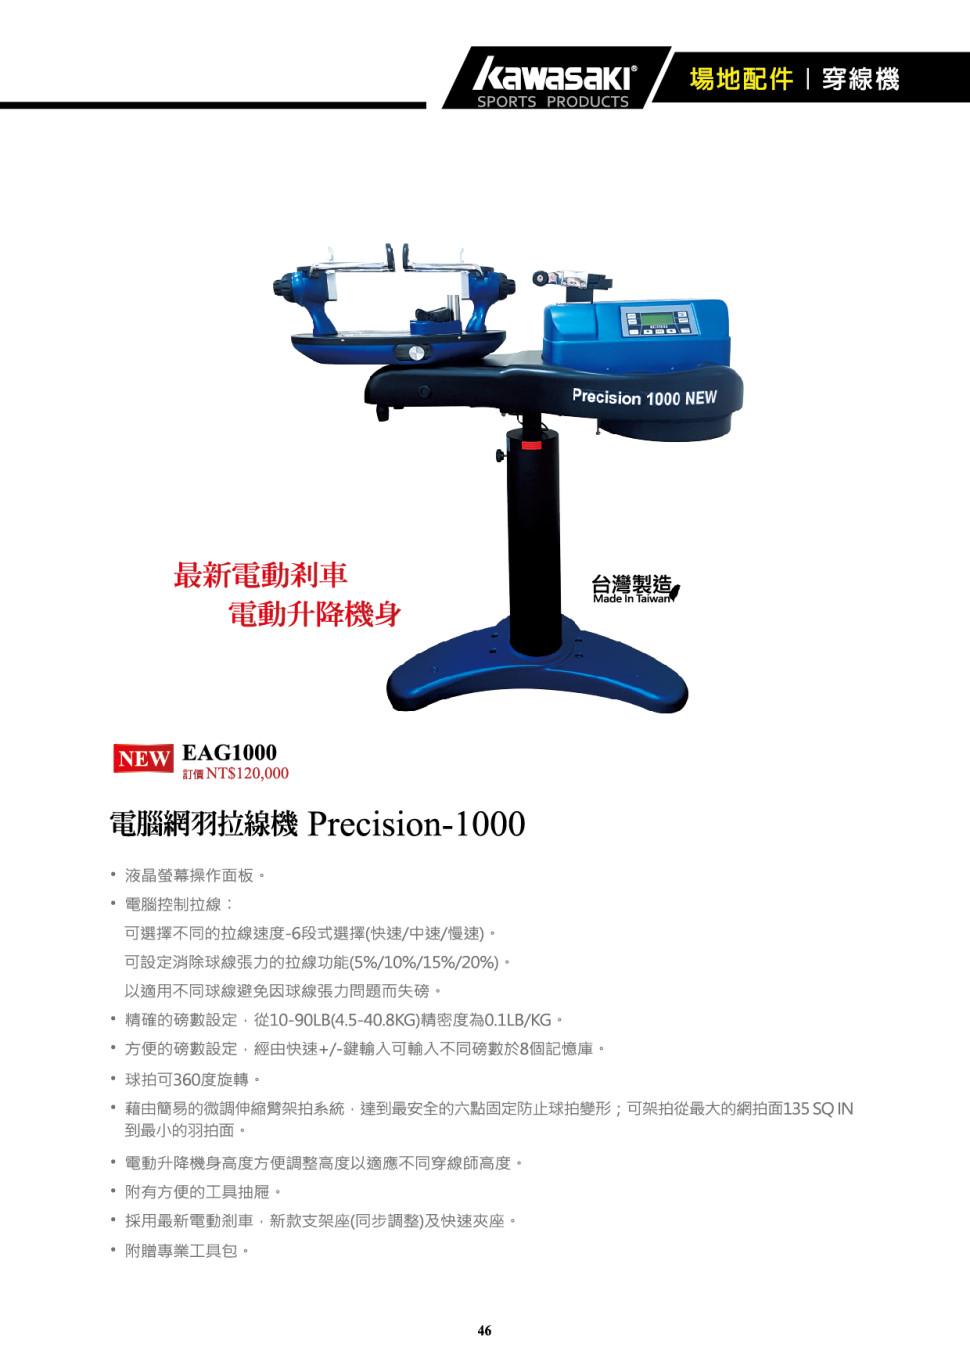 電腦網羽拉線機 Precision-1000